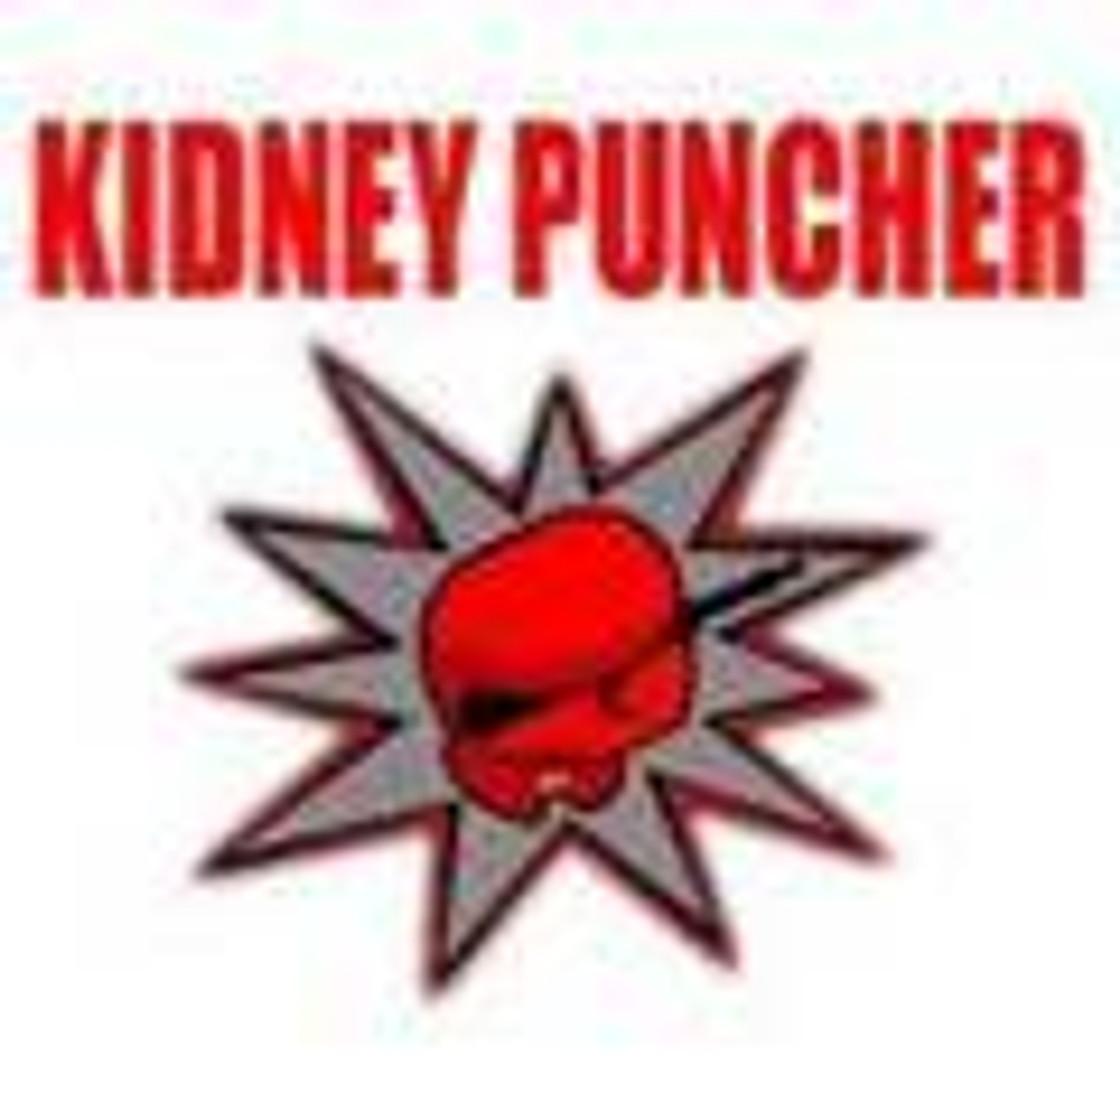 Kidney Puncher Wire